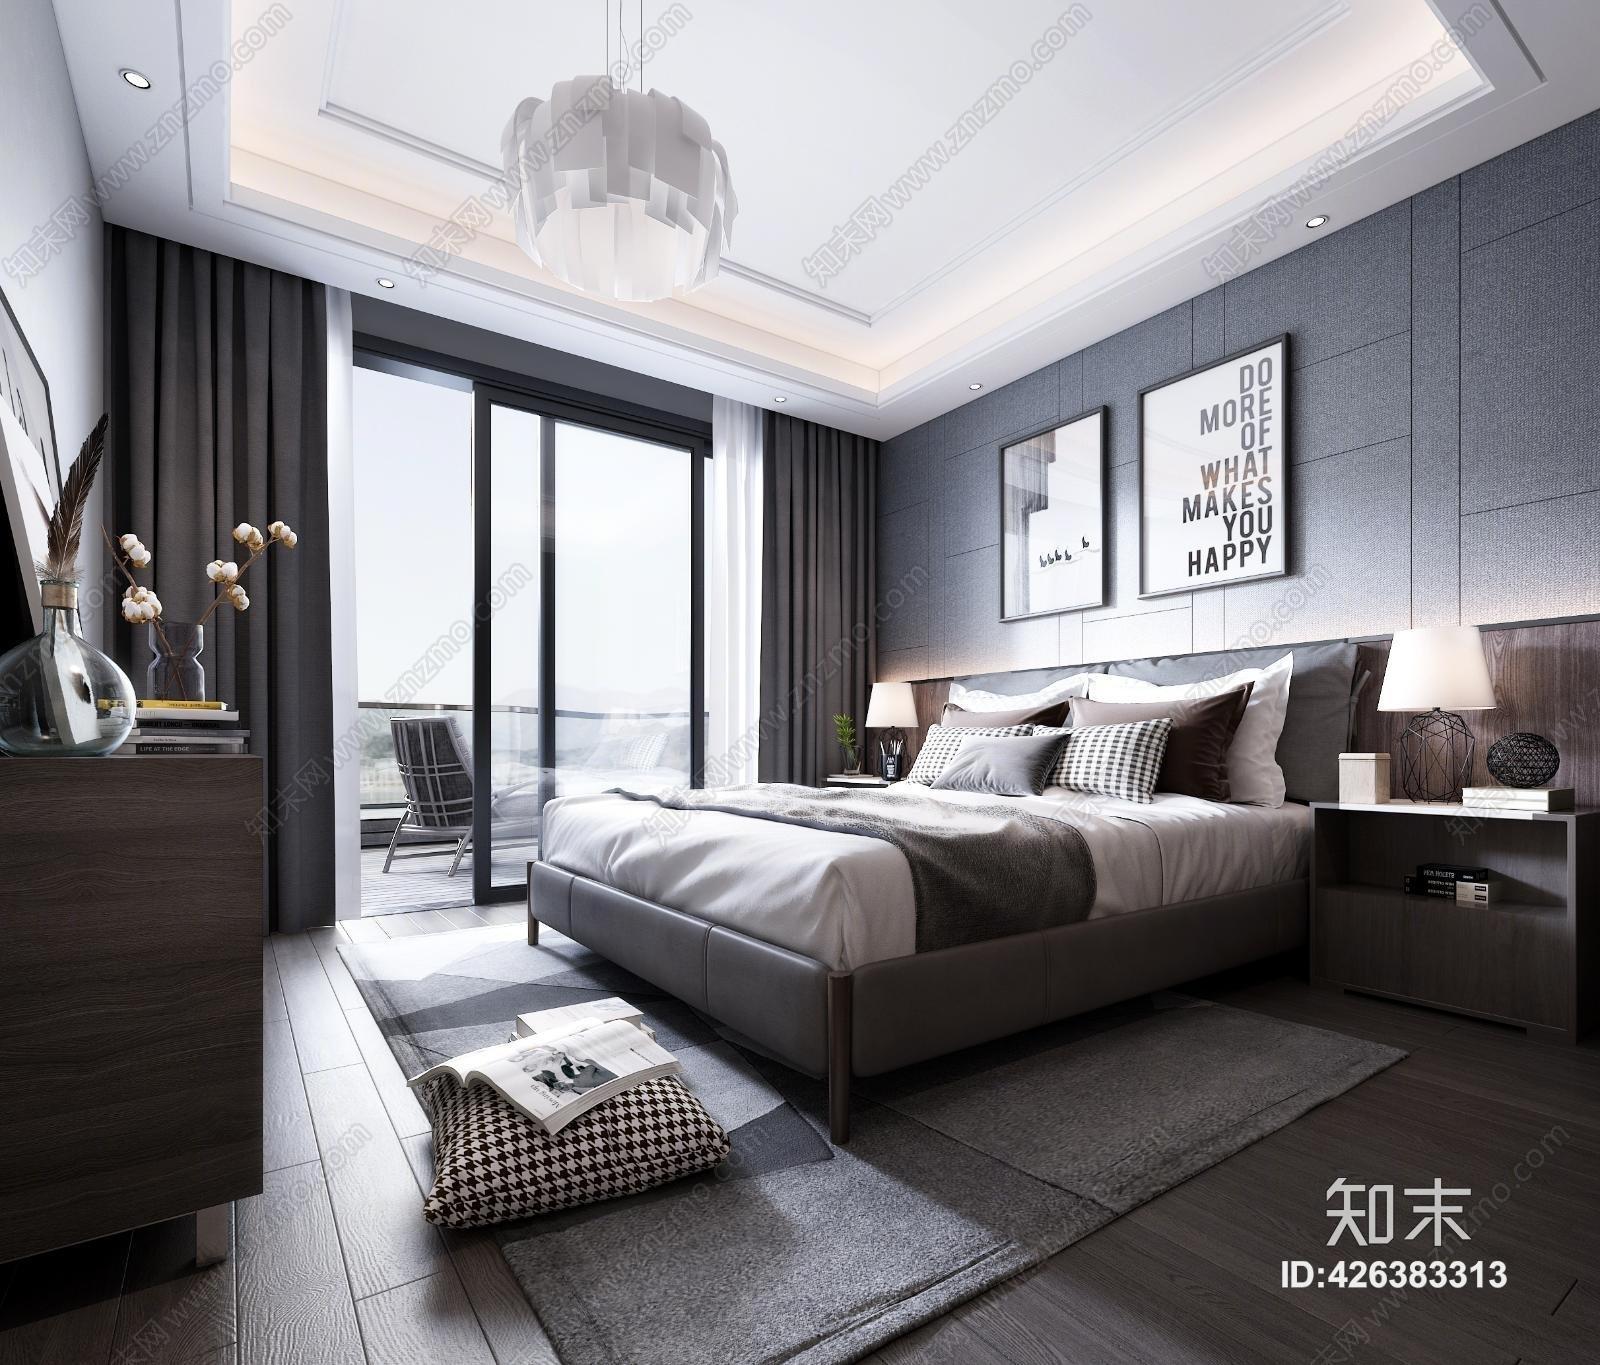 现代主人房 床具 床头柜 吊灯 台灯 装饰品 挂画 地毯 窗帘